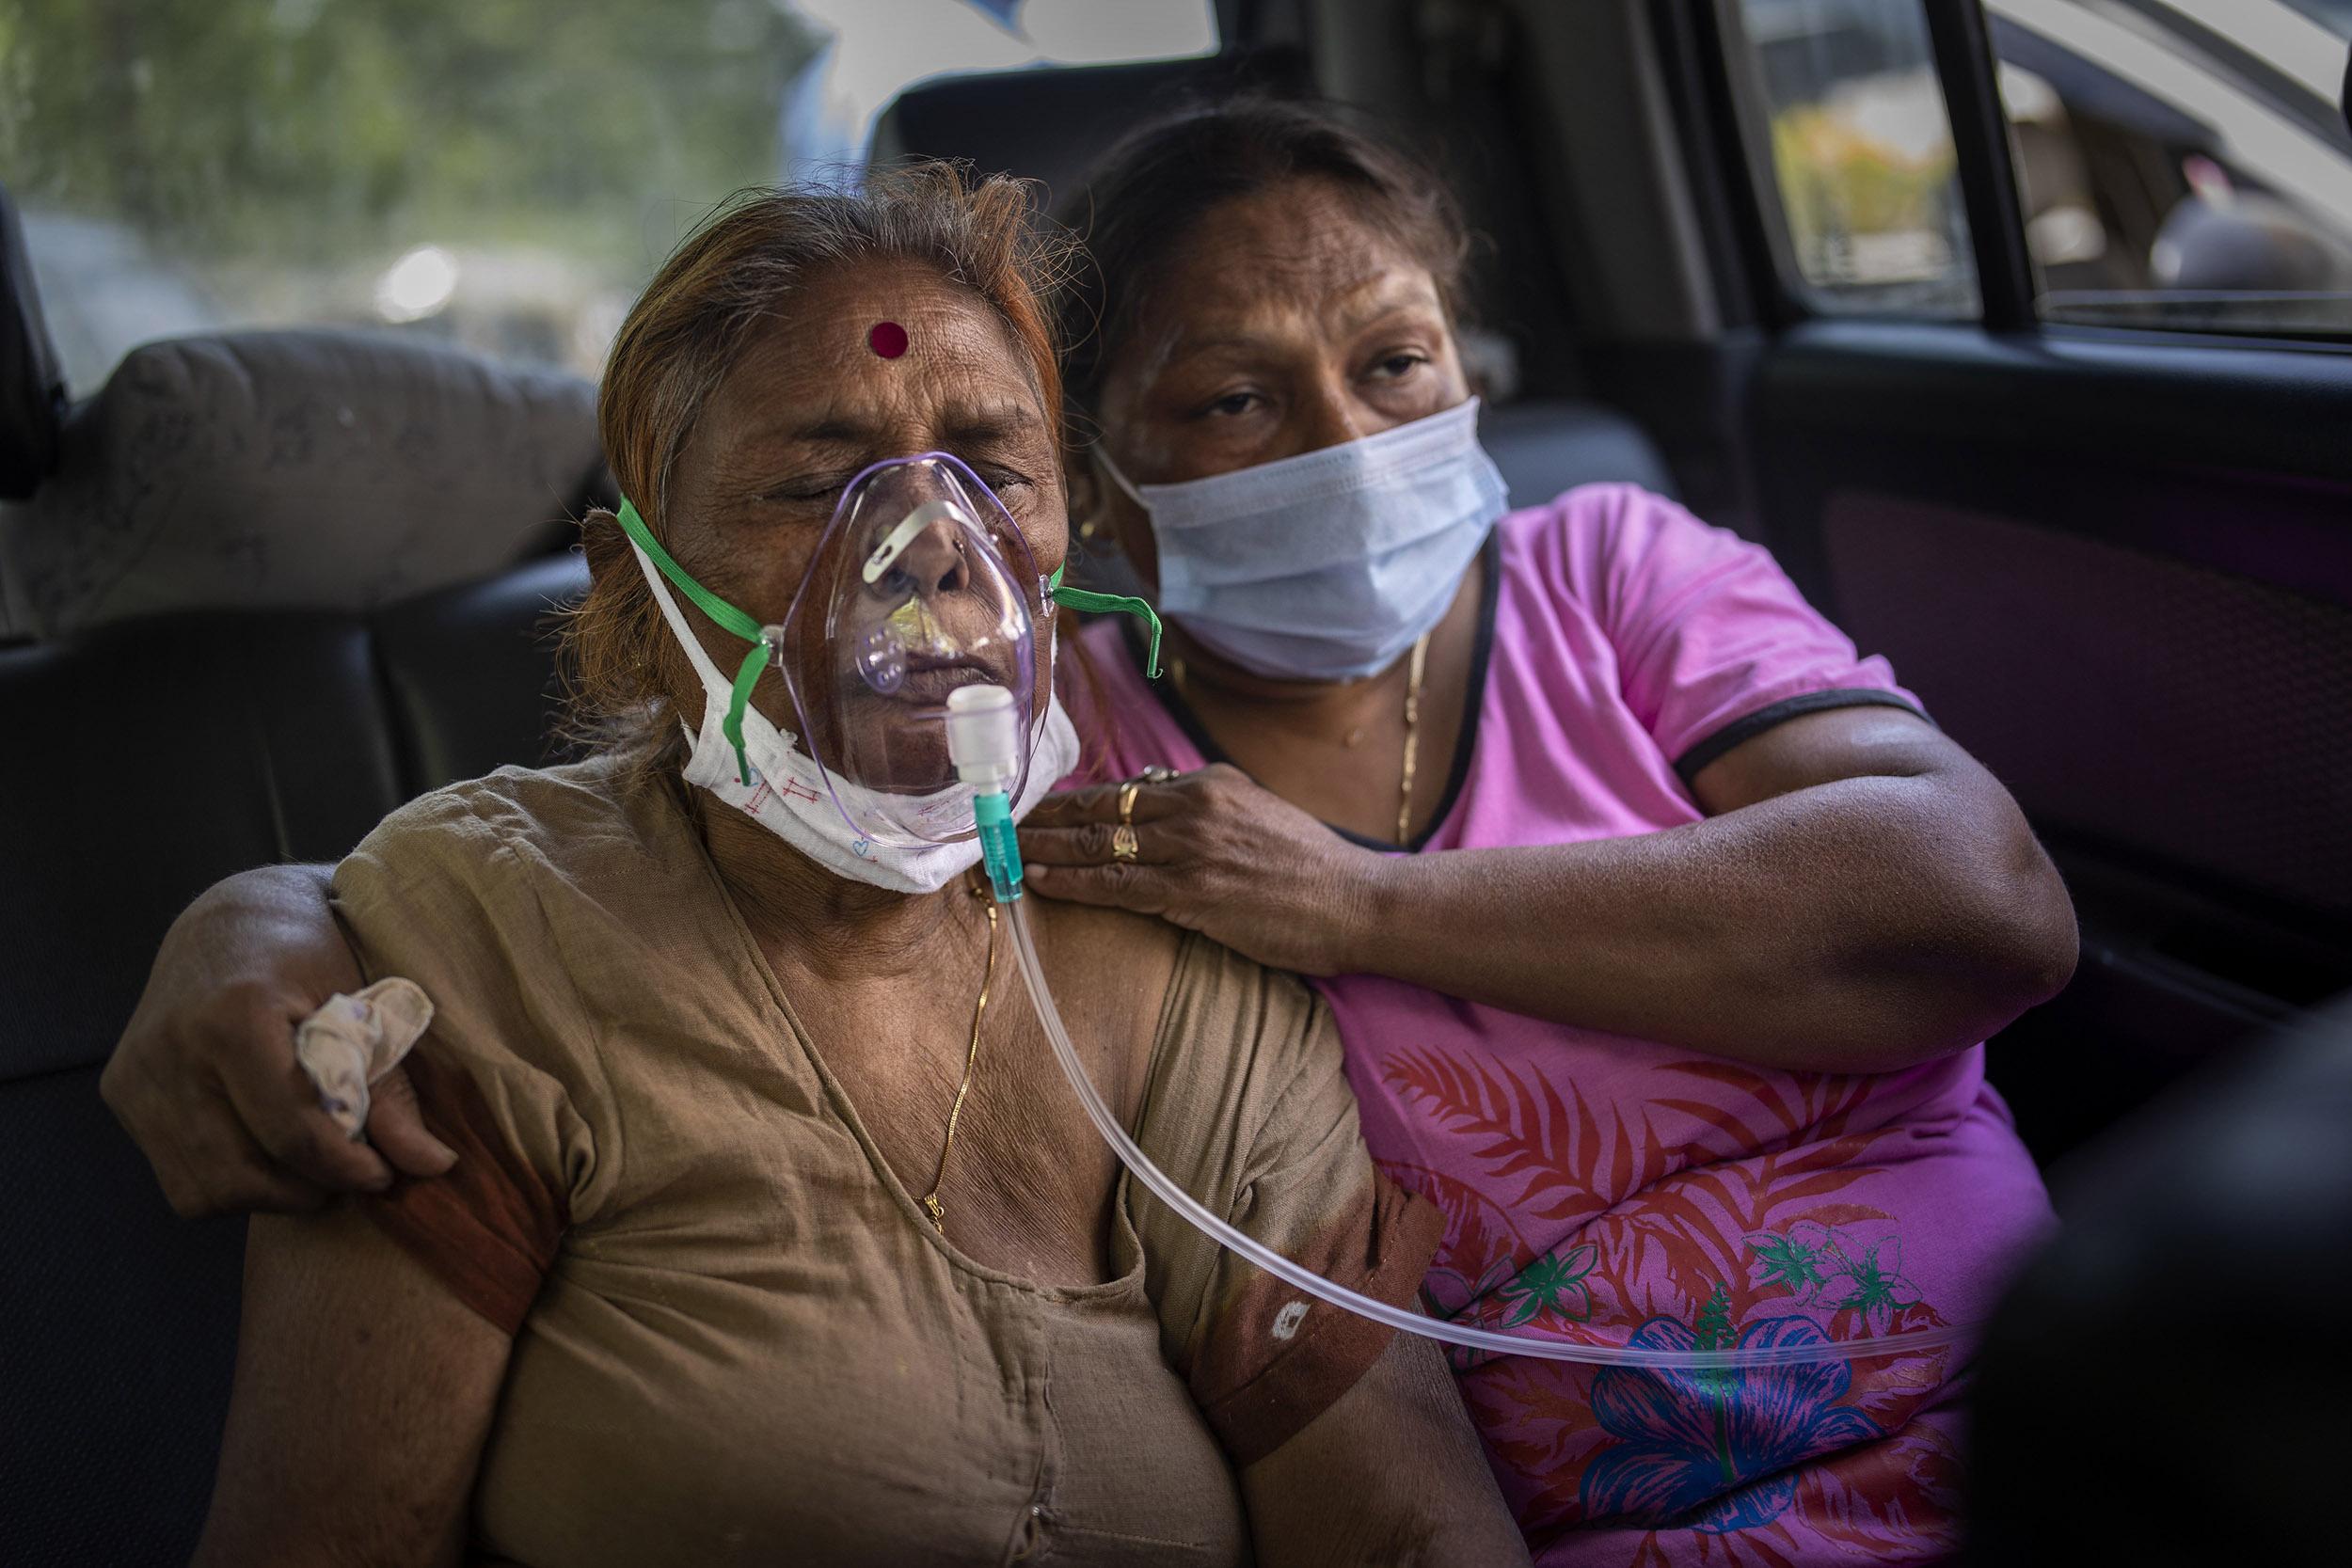 Coronavirus: La doble mascarilla es ahora obligatoria en Perú; India en crisis tras cinco días de récords de muertes y contagios